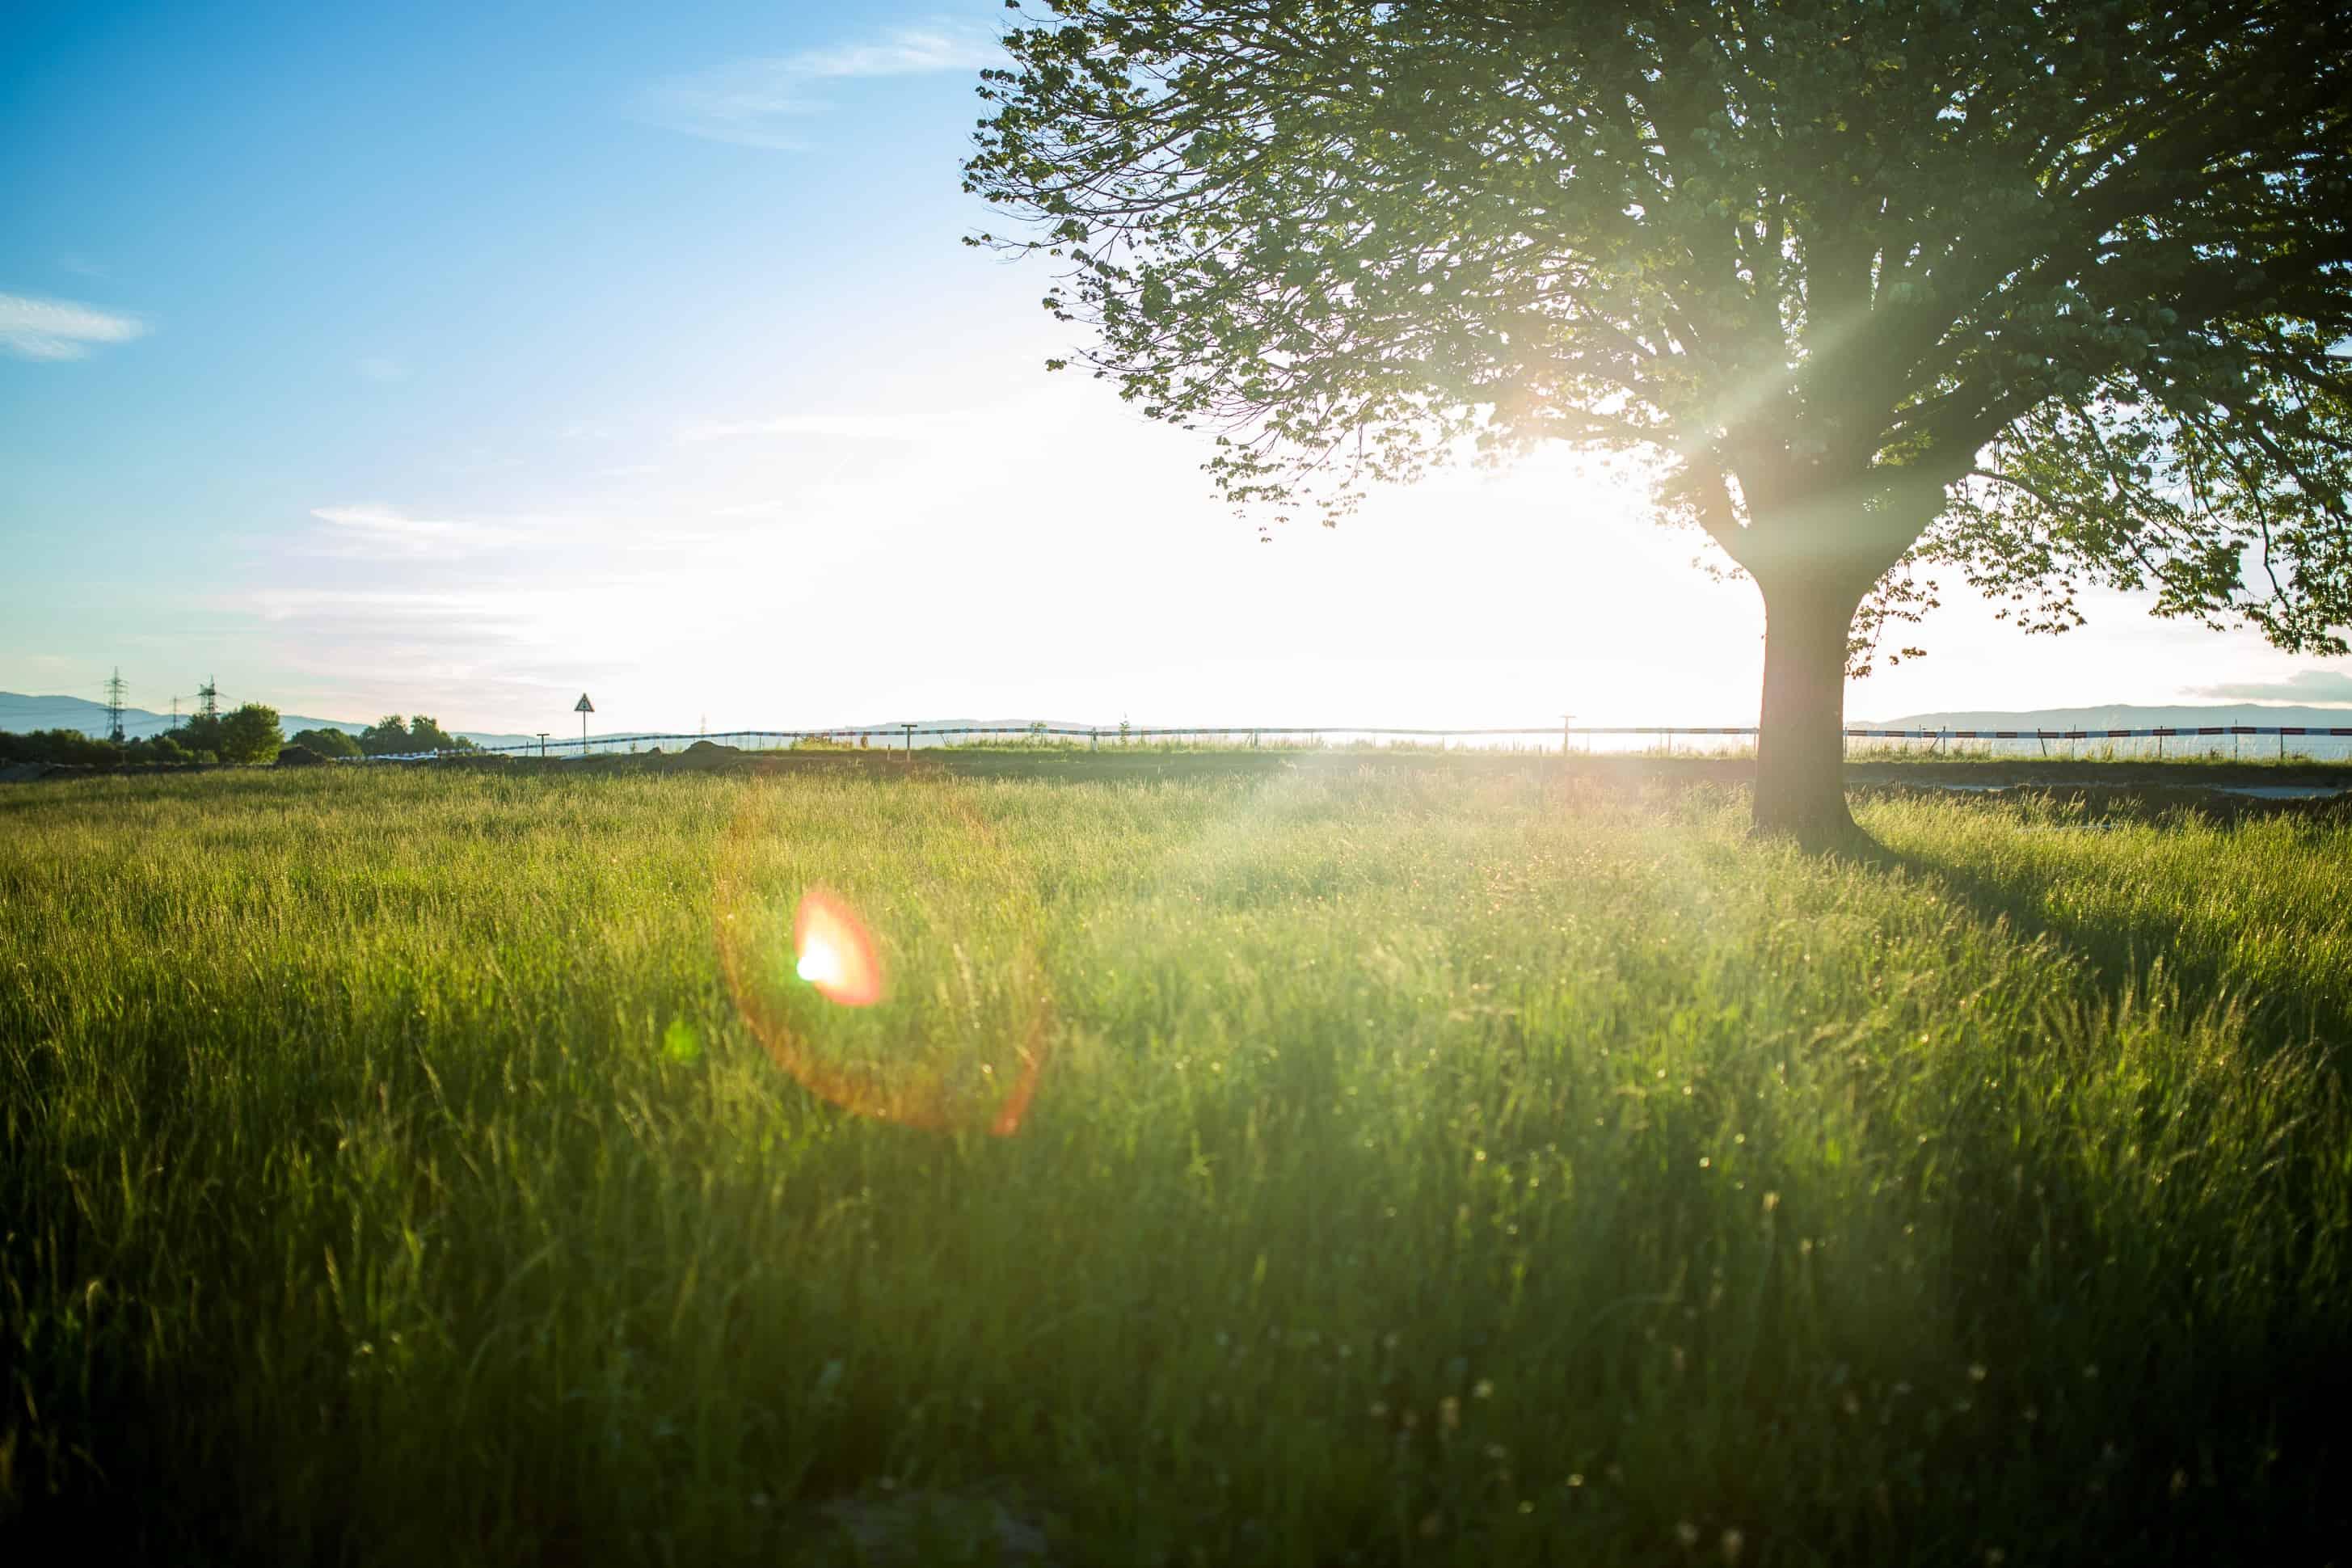 Summer Desktop Wallpaper Hd Free Picture Sunshine Summer Dawn Field Grass